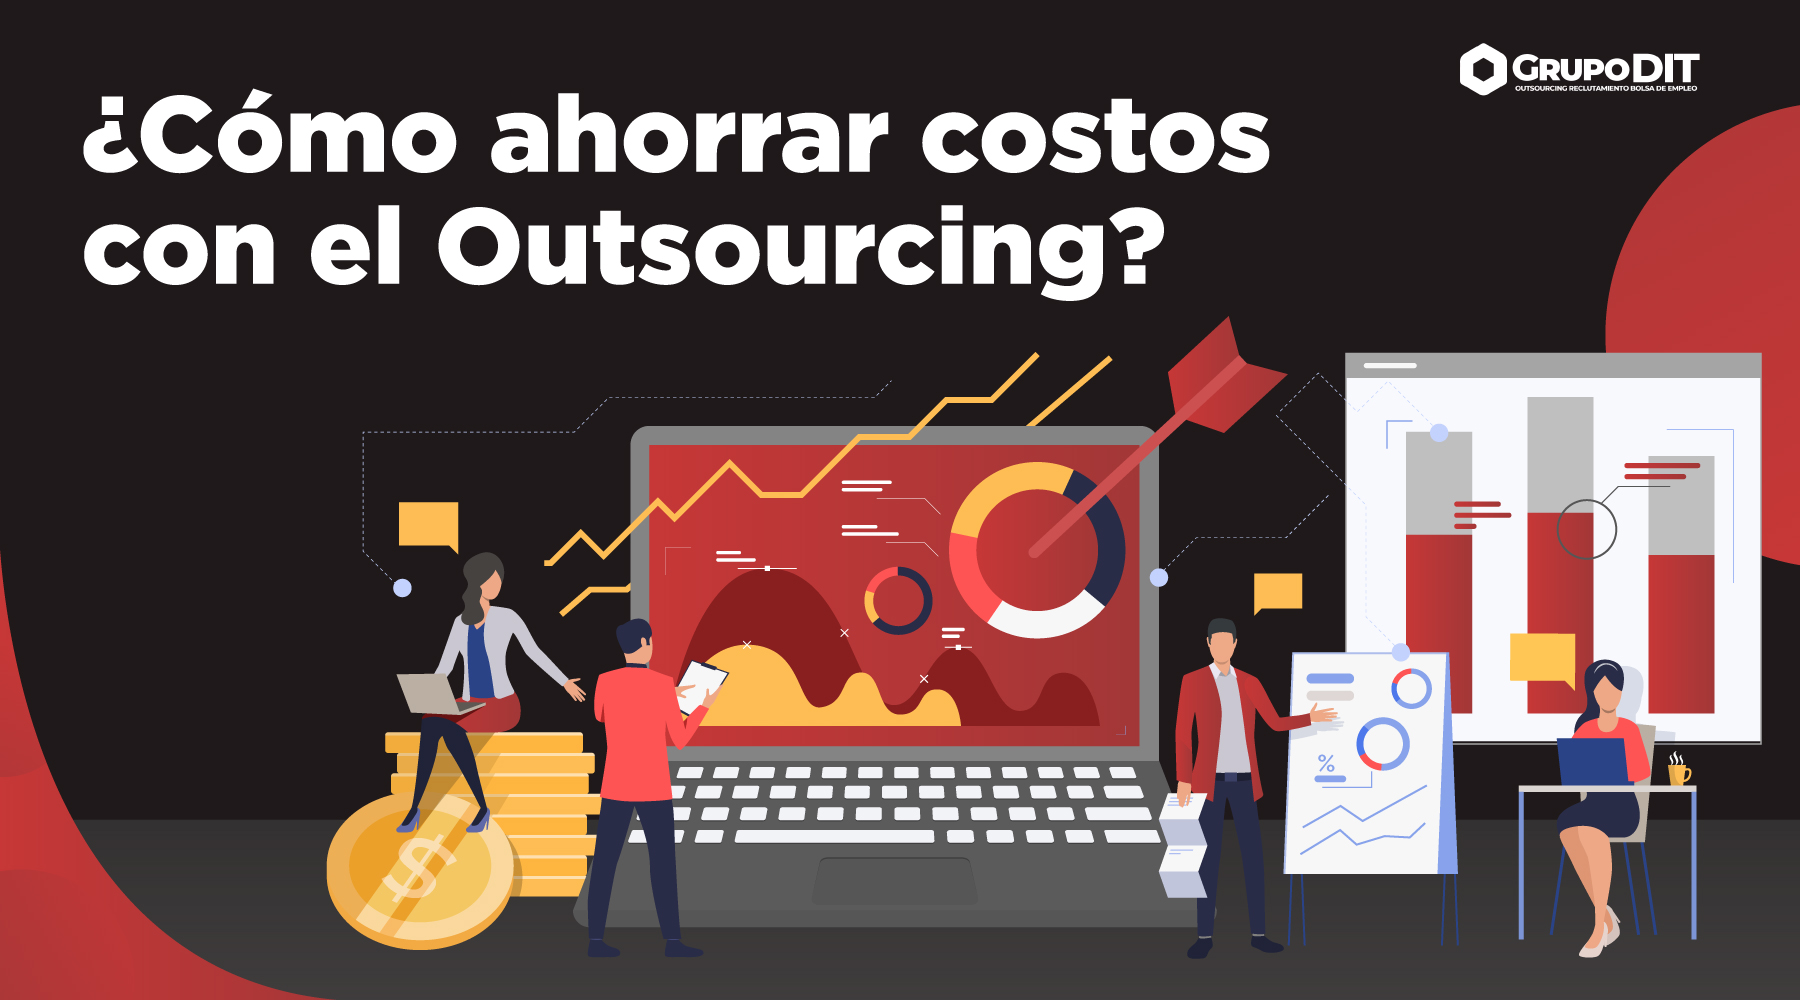 Cómo-ahorrar-costos-con-el-Outsourcing-de-Grupo-DIT